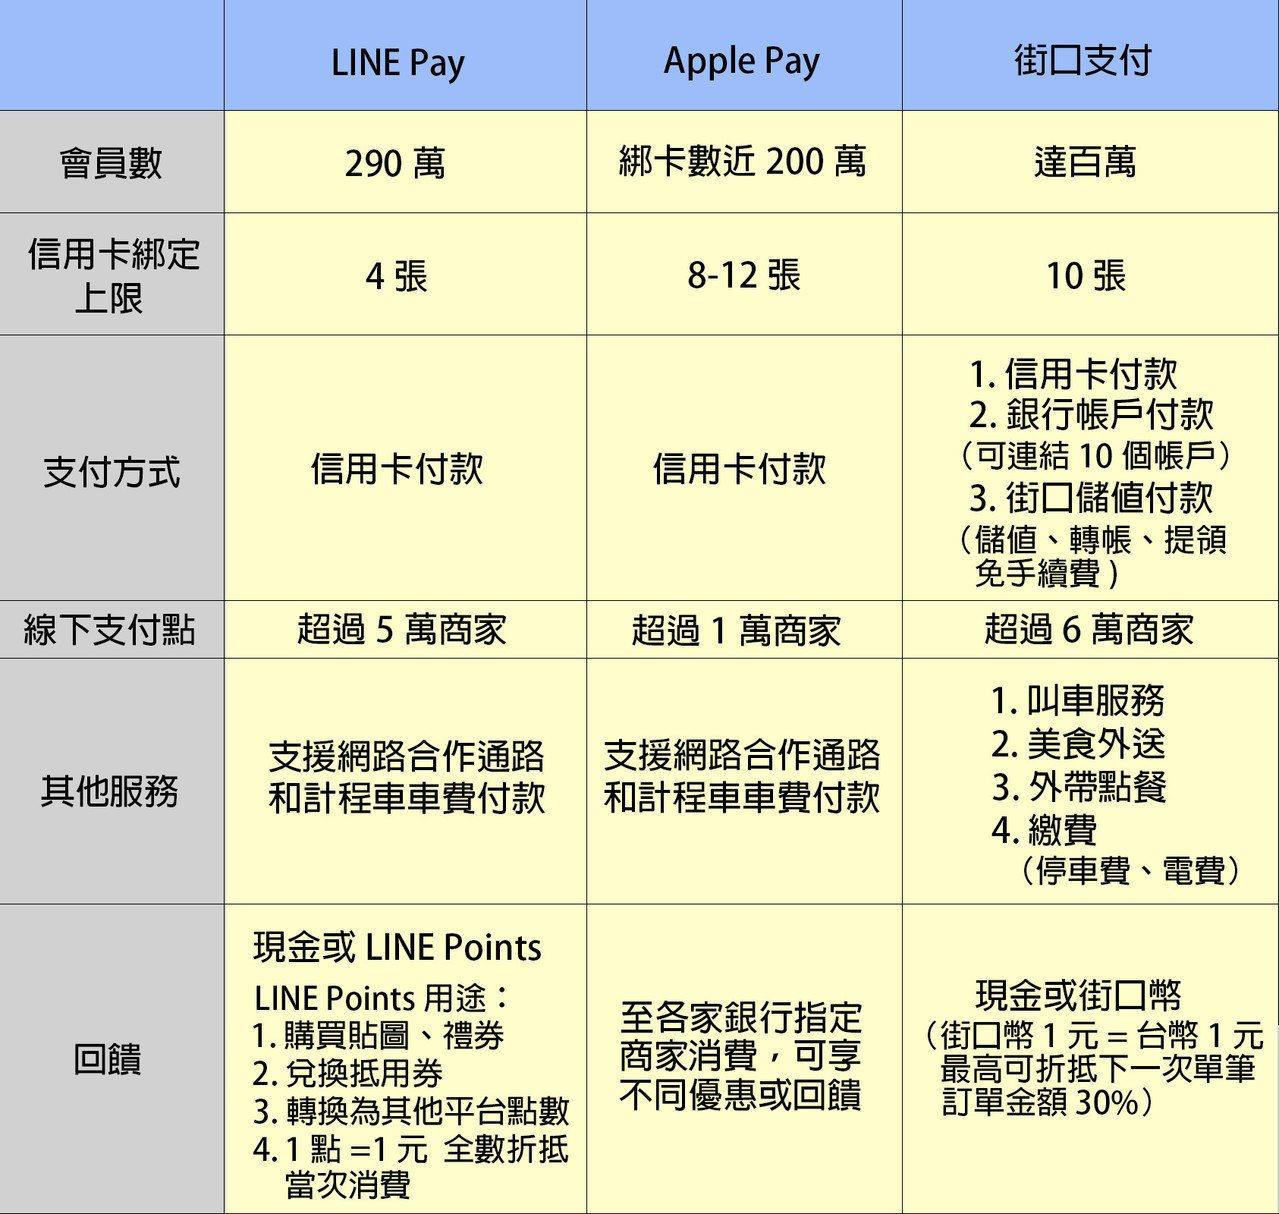 國人愛用前三名行動支付比較。製表/聯合新聞網